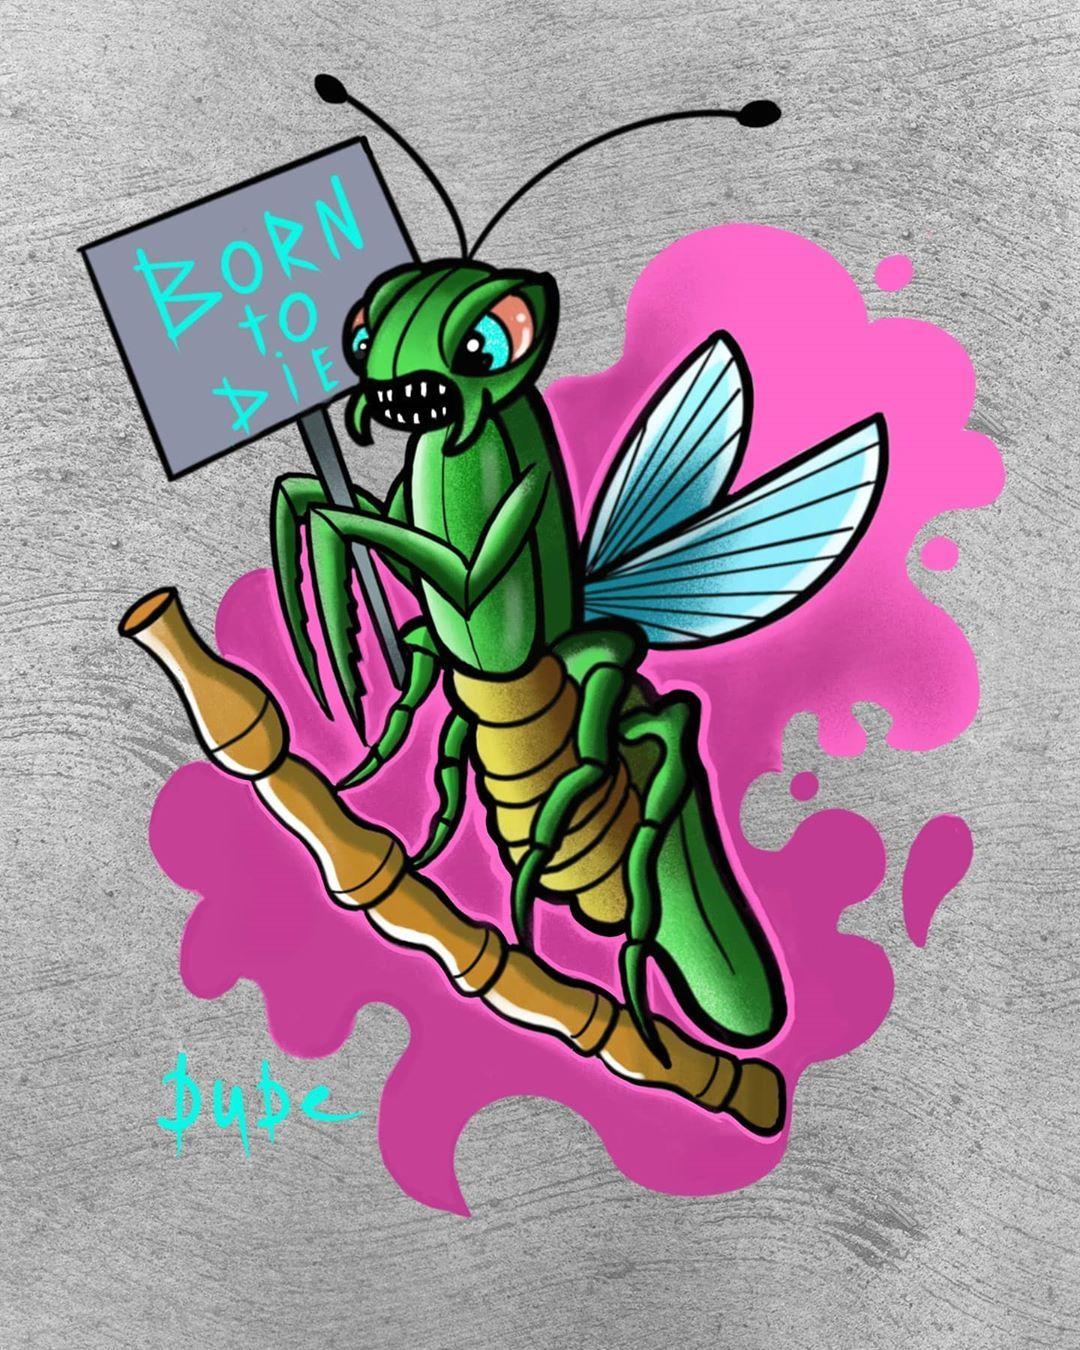 Боевое насекомое🥊  #tattooartists #tattooed #tattoomoscowcity #tattoosketch #tattoomsk #tattooart #mantis #mantisart #сделать тату #татуировкавмоскве